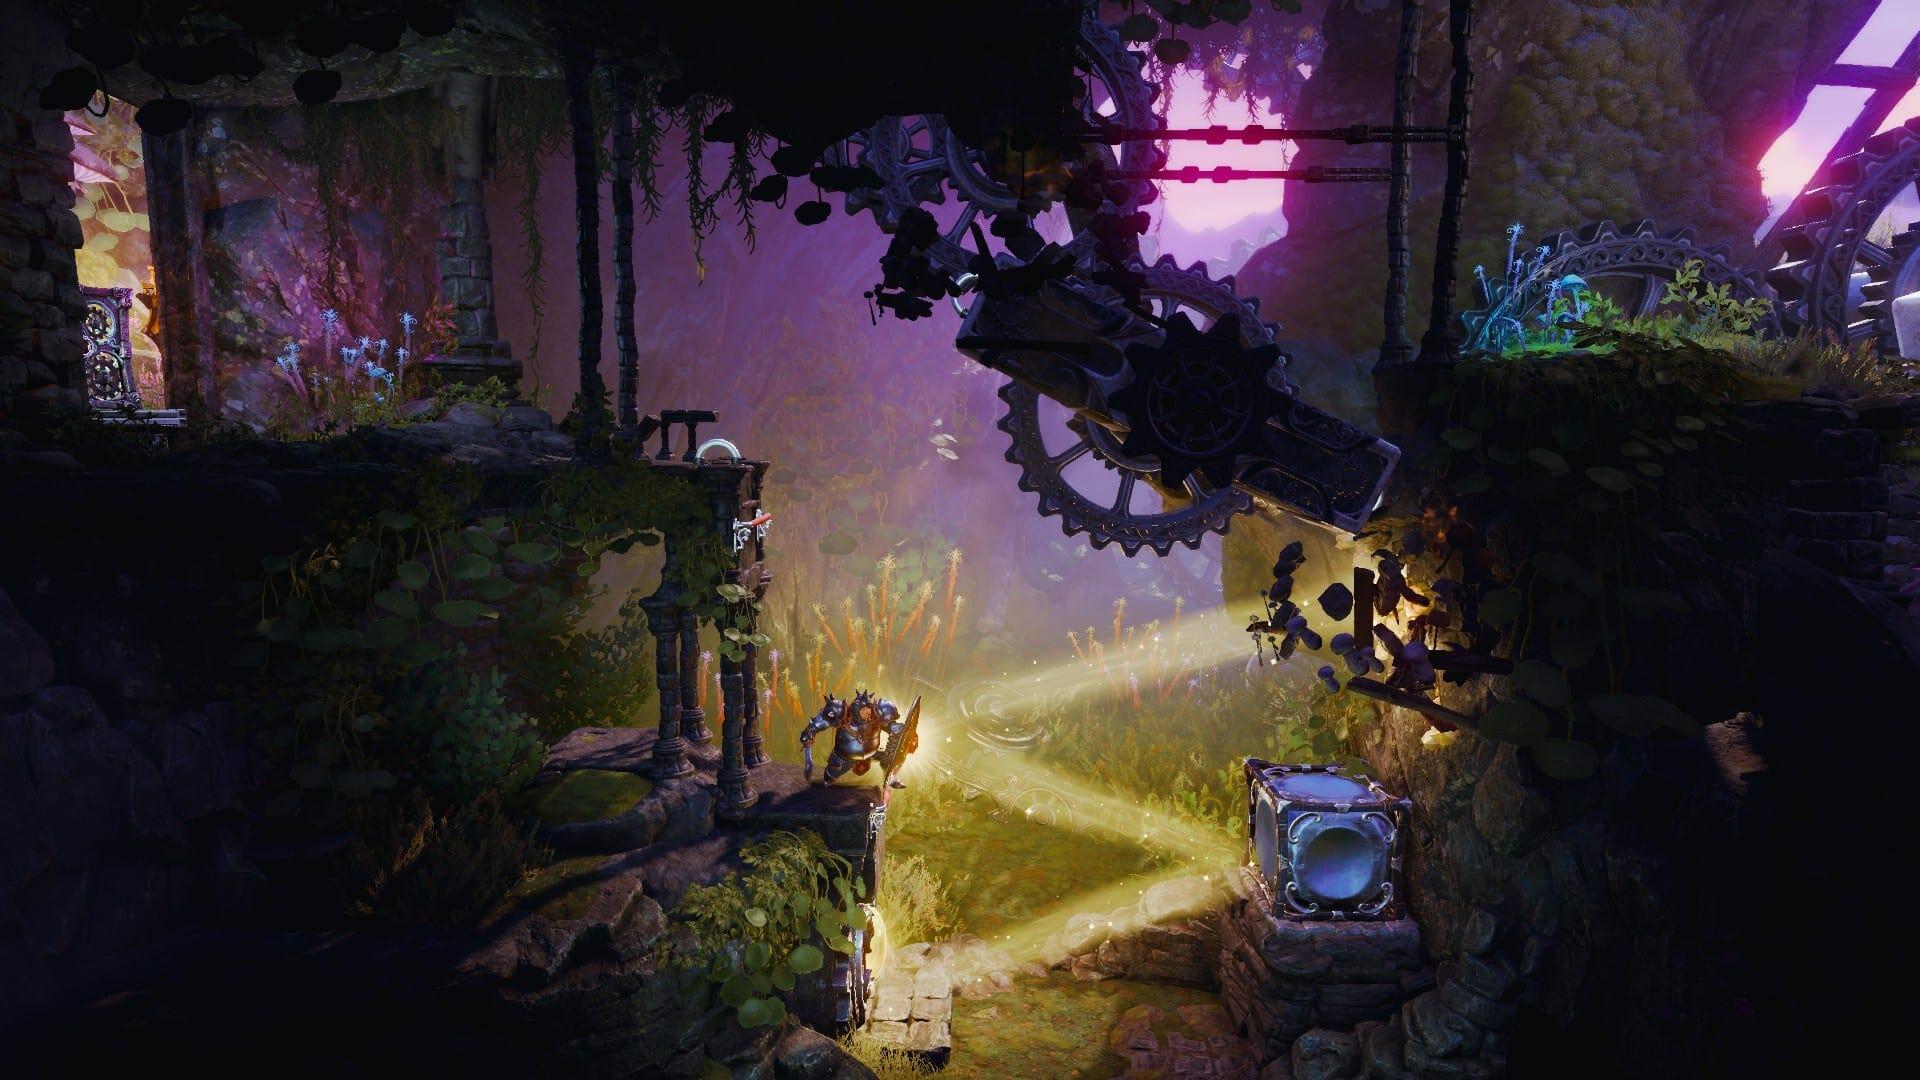 Trine Screenshot 9 - Trine 4: The Nightmare Prince Review - A Triumphant Return